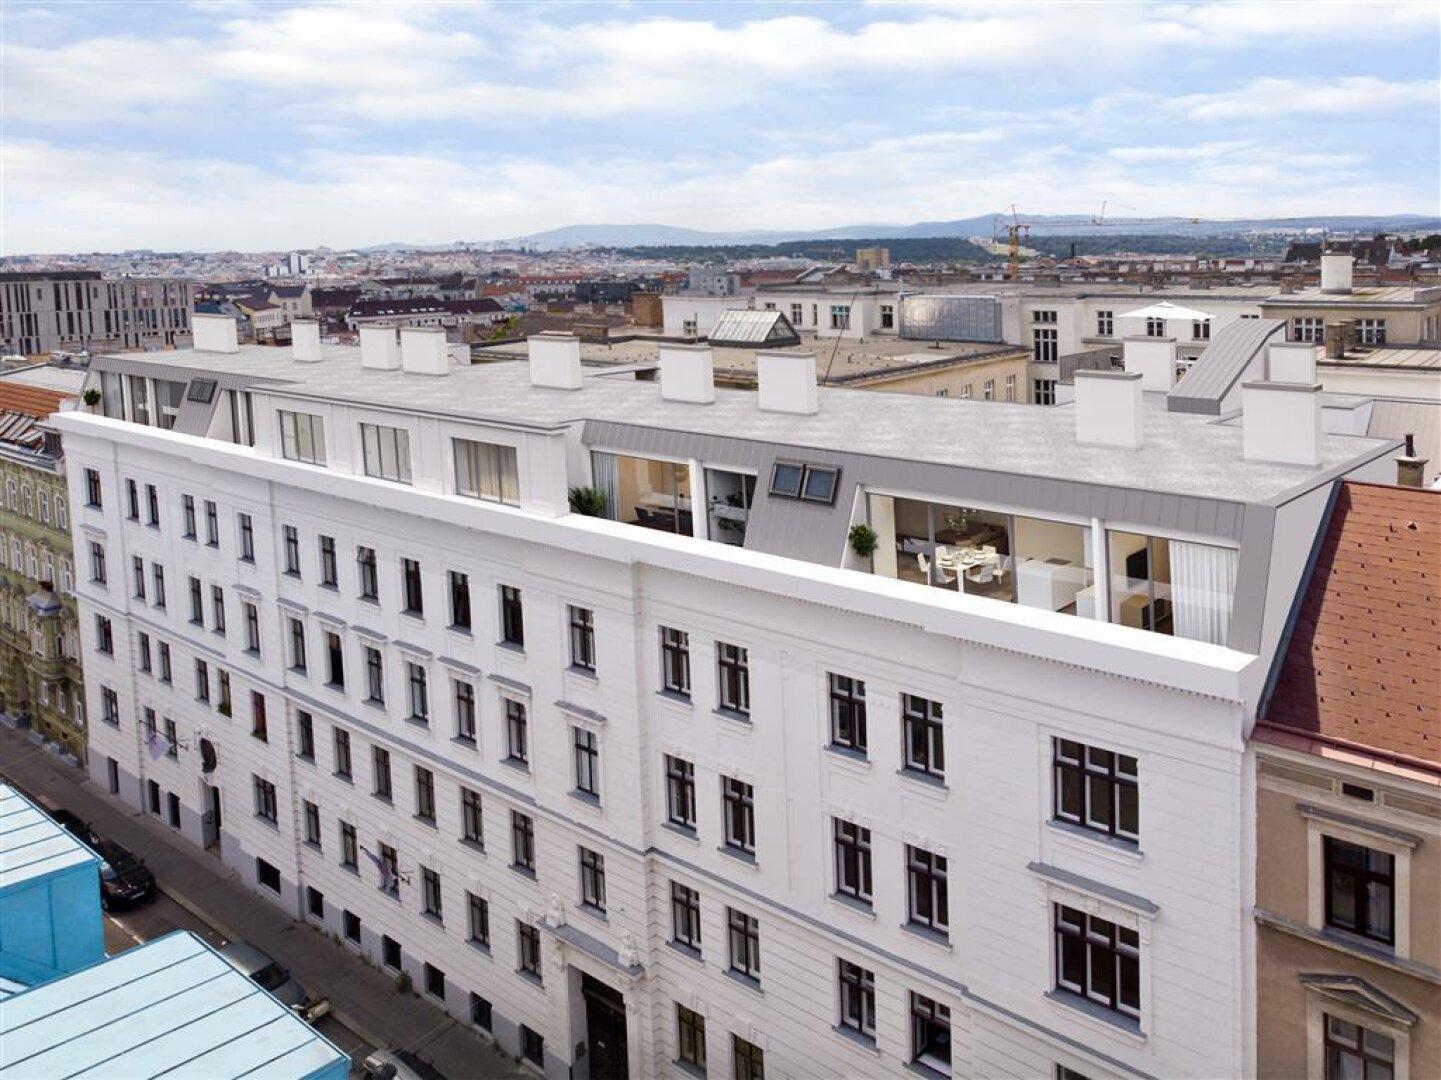 Ansicht straßenseitig Dachterrassenwohnungen